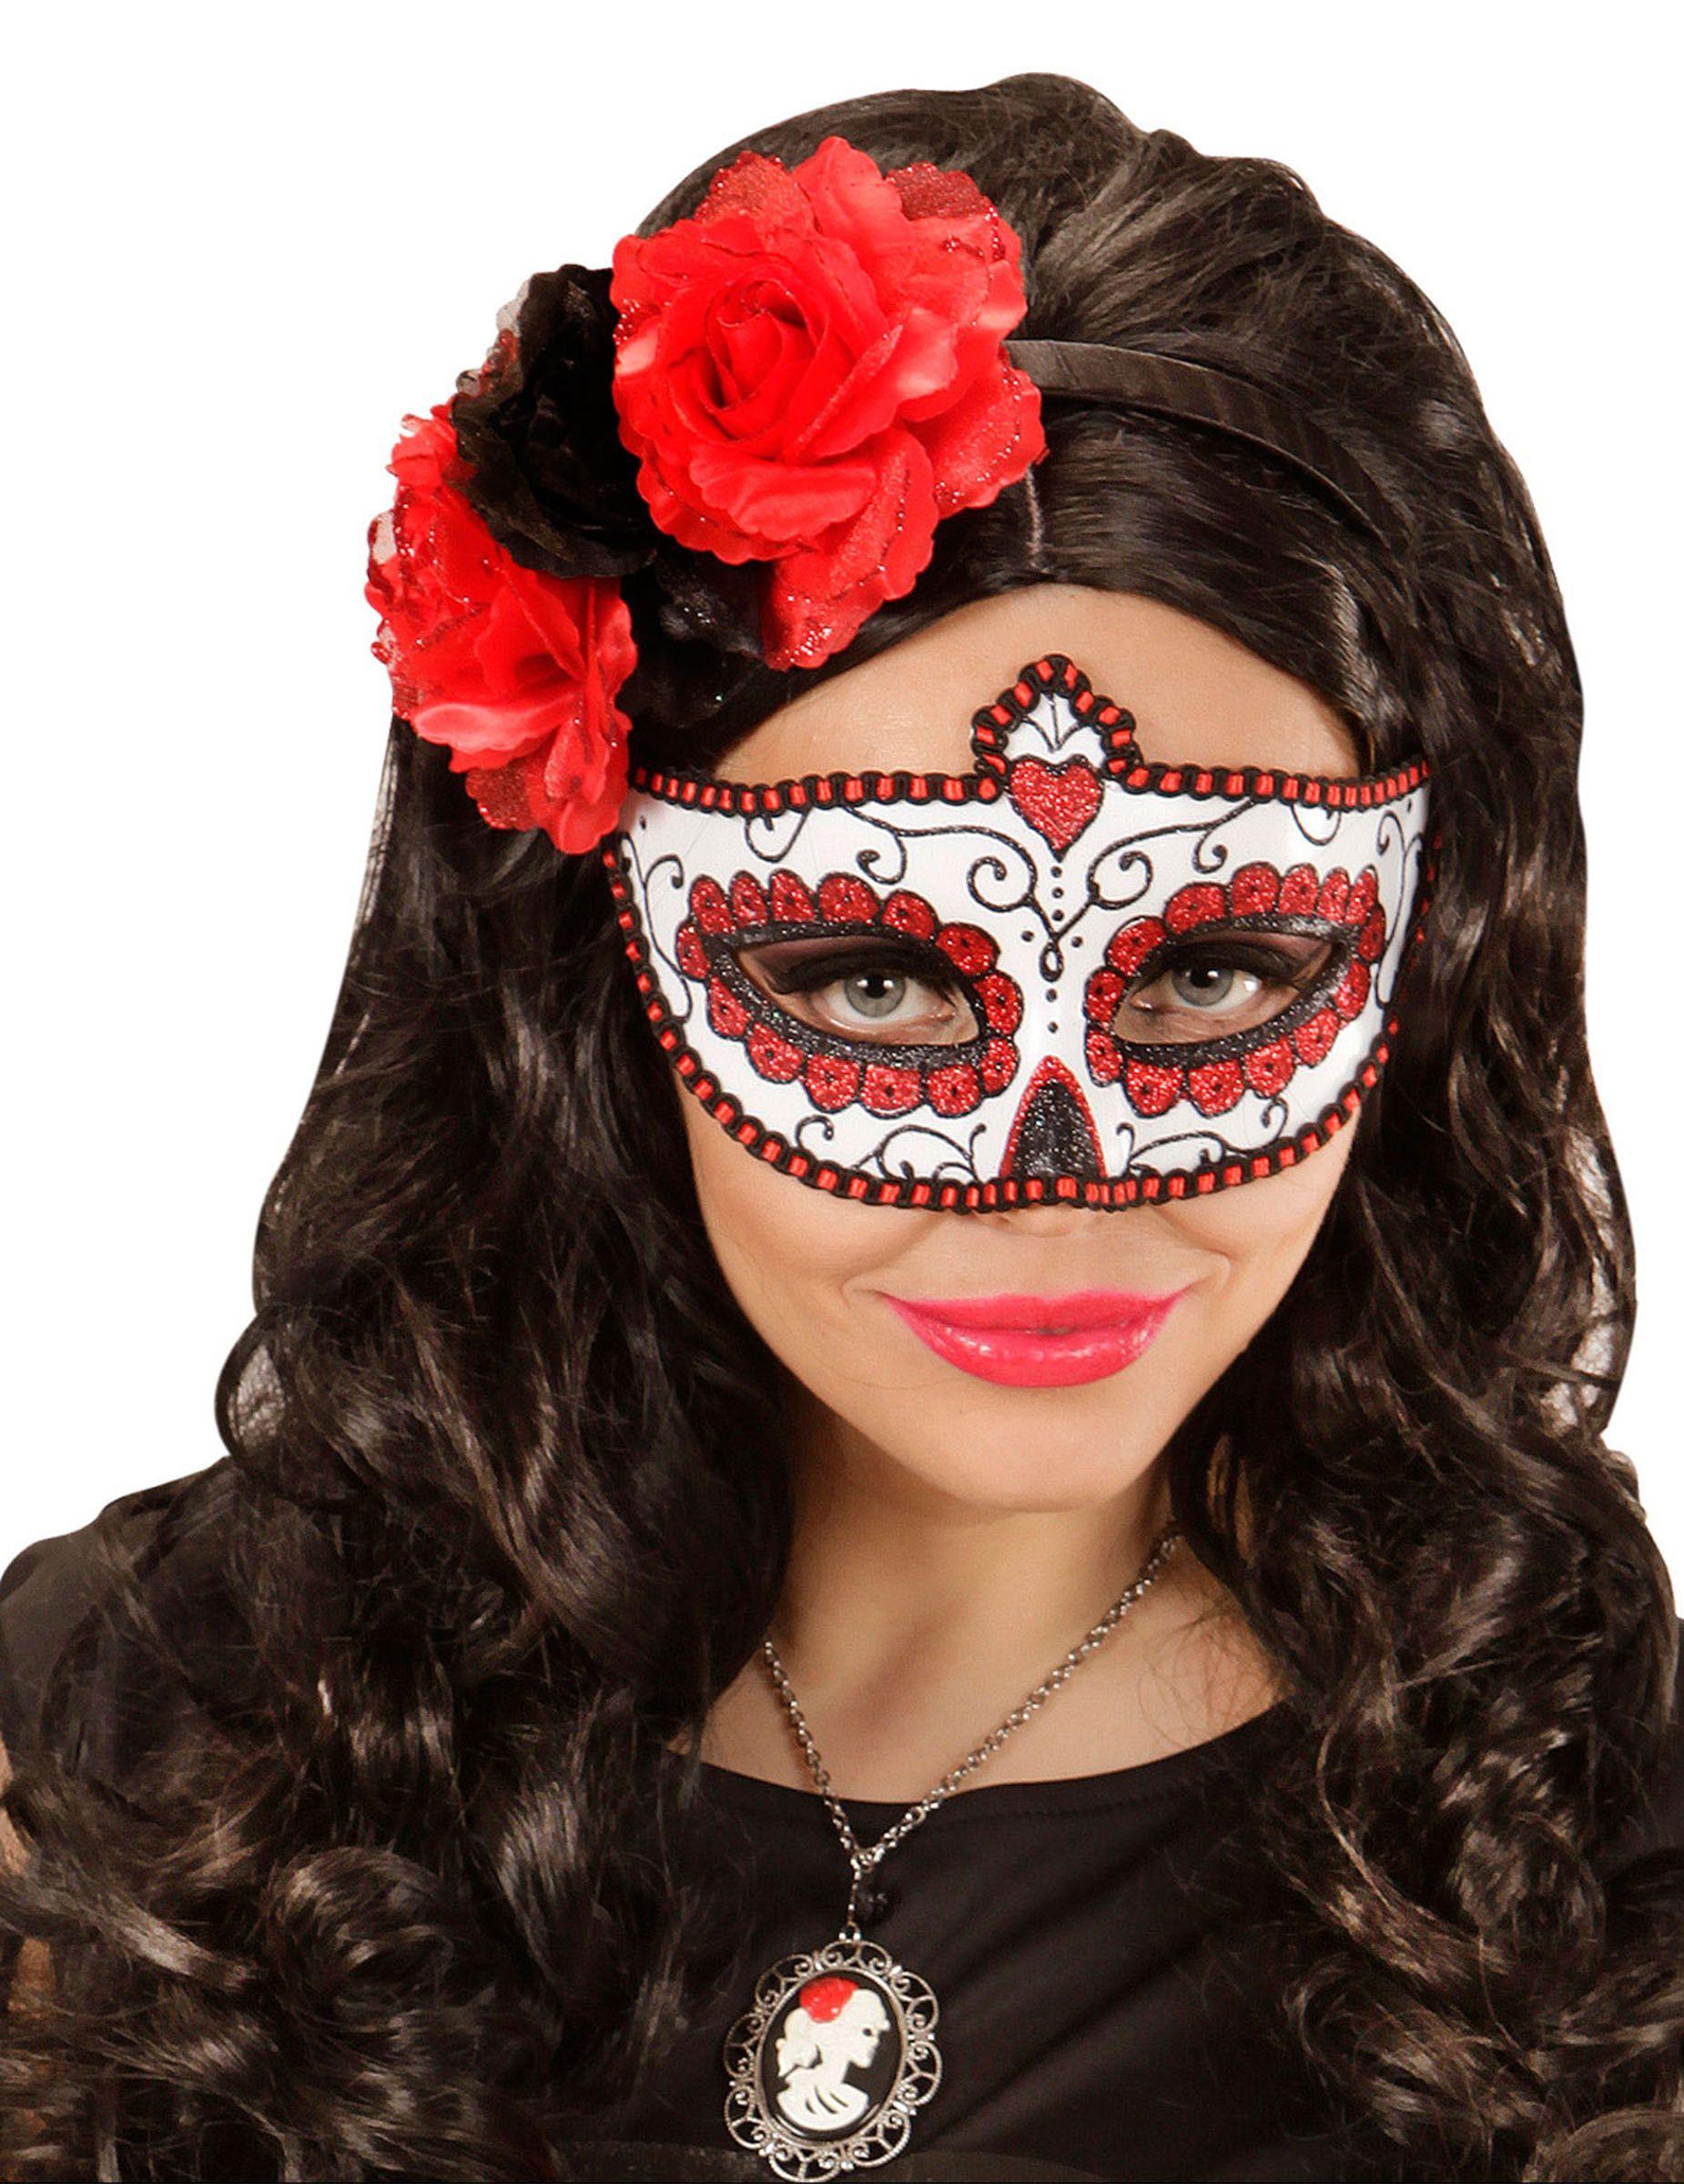 Zimmer im mexikanischen stil glitzer augenmaske rot  dìa de los muertos  tag der toten masken